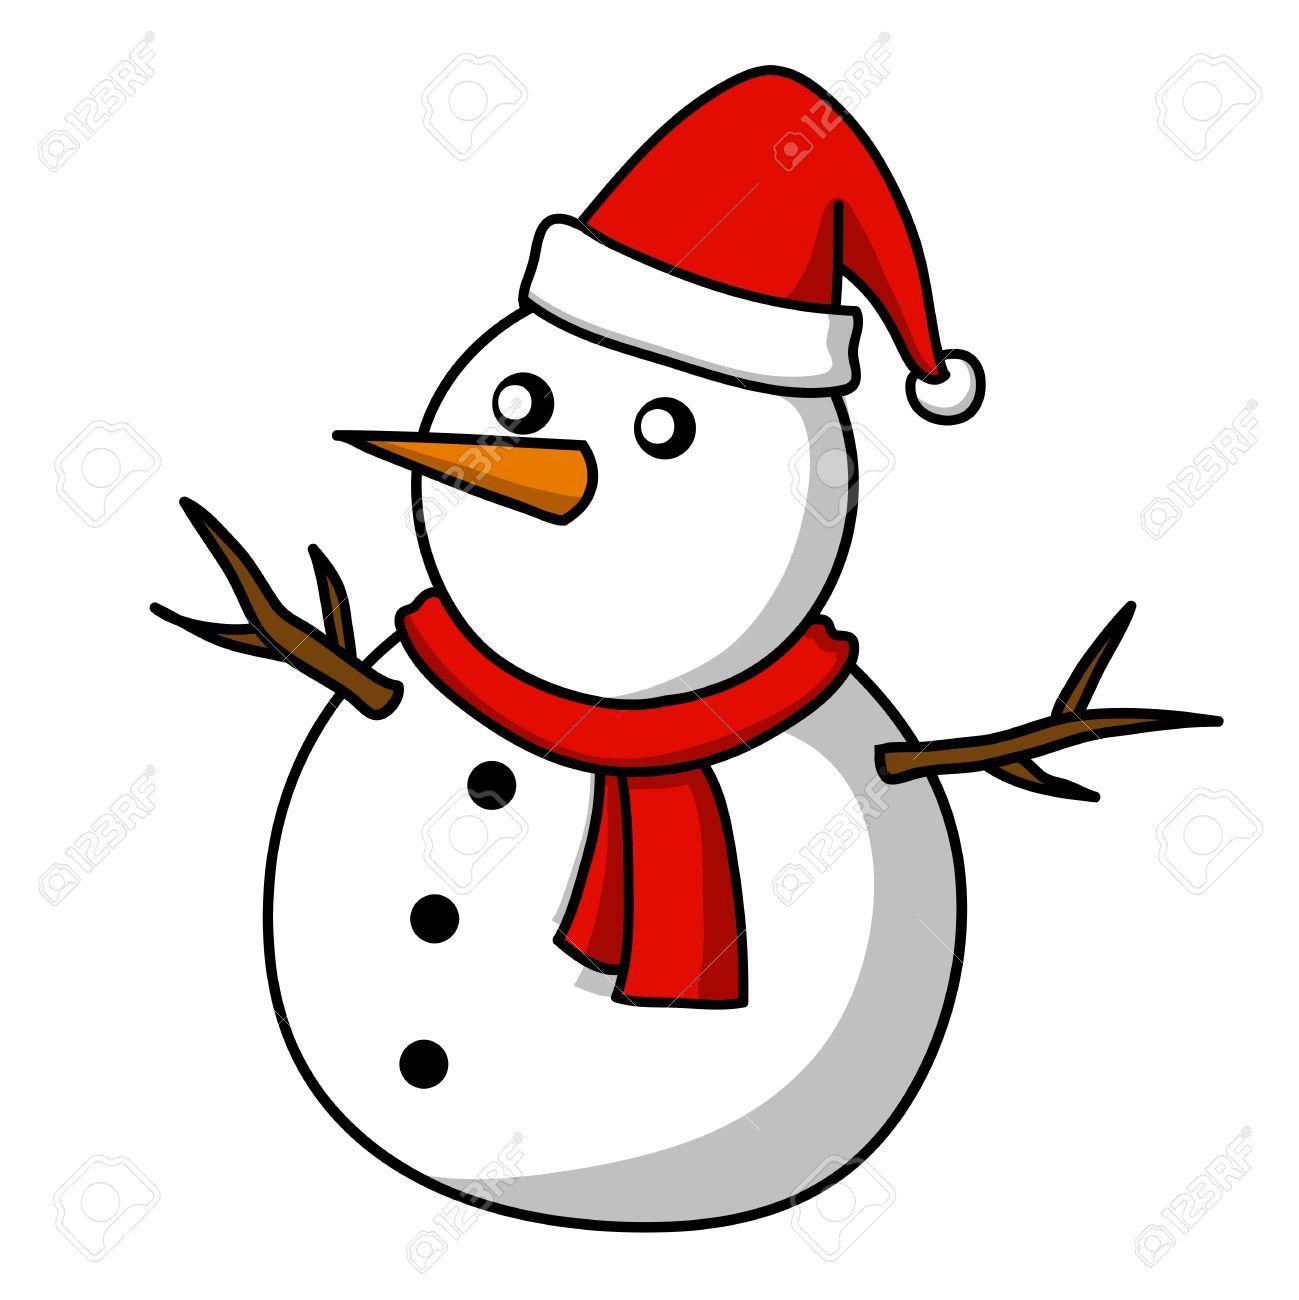 15559112 dessin de bonhomme de neige de no l banque d 39 1299 1300 cours dessin - Pinterest bonhomme de neige ...